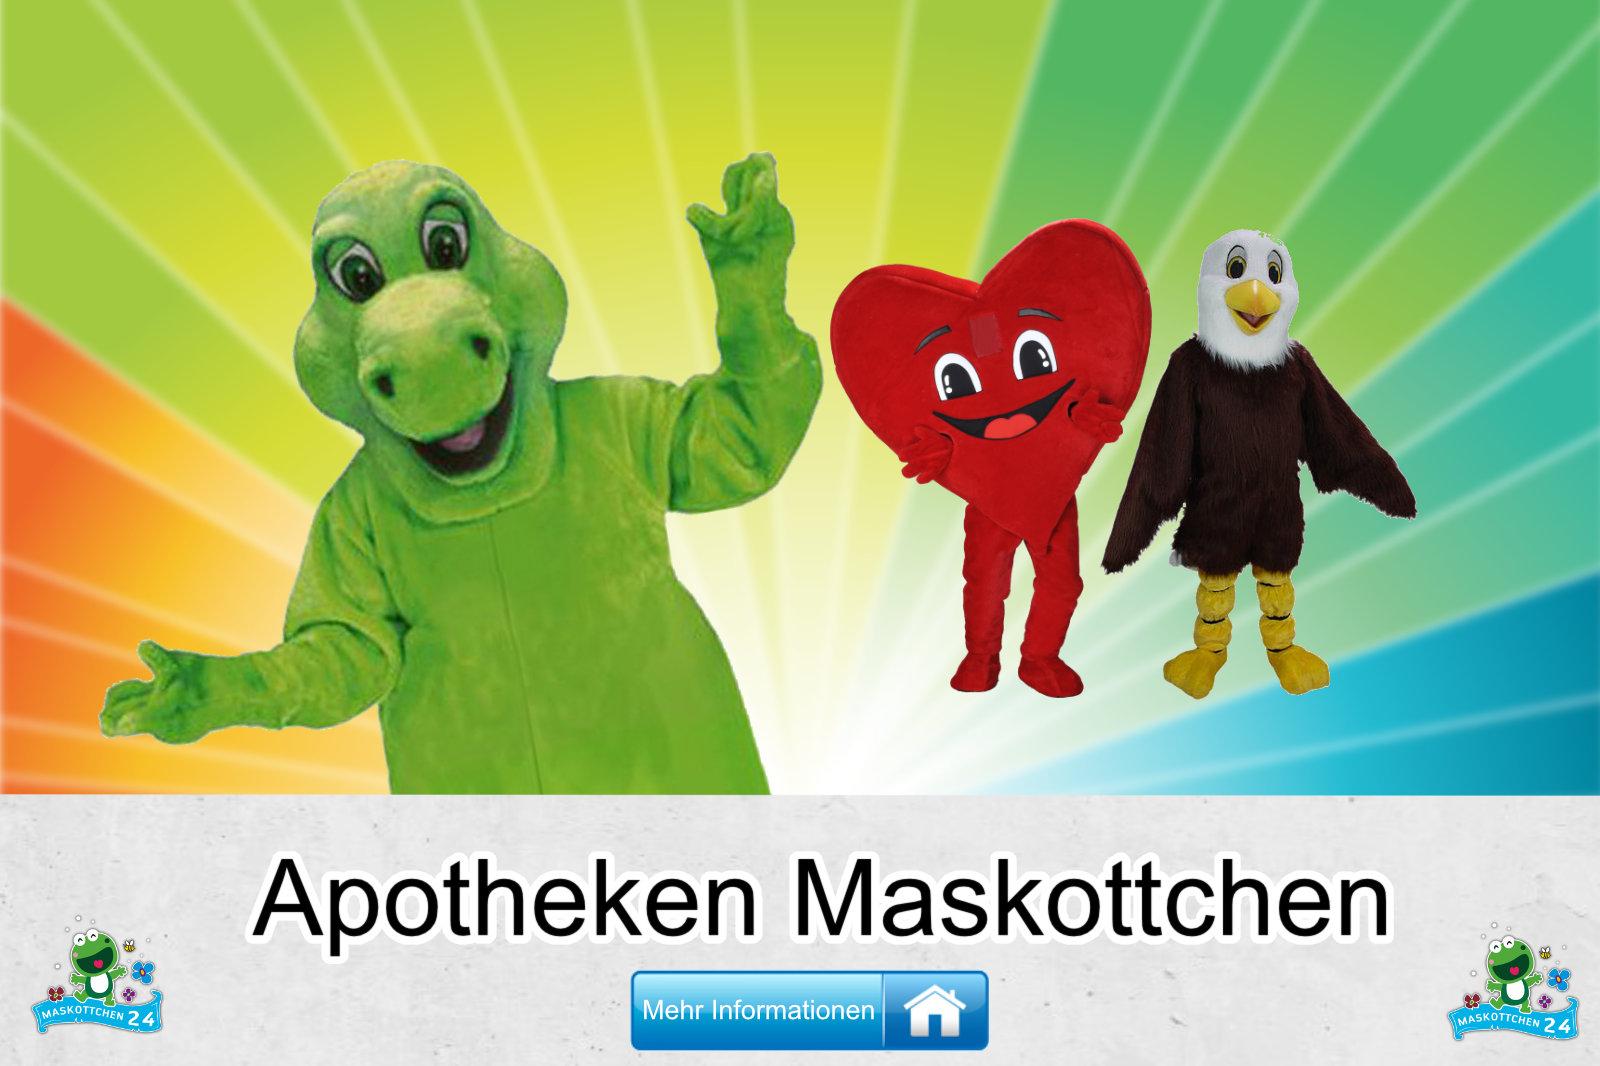 Apotheken Maskottchen Kostüm Herstellung Bau günstig kaufen